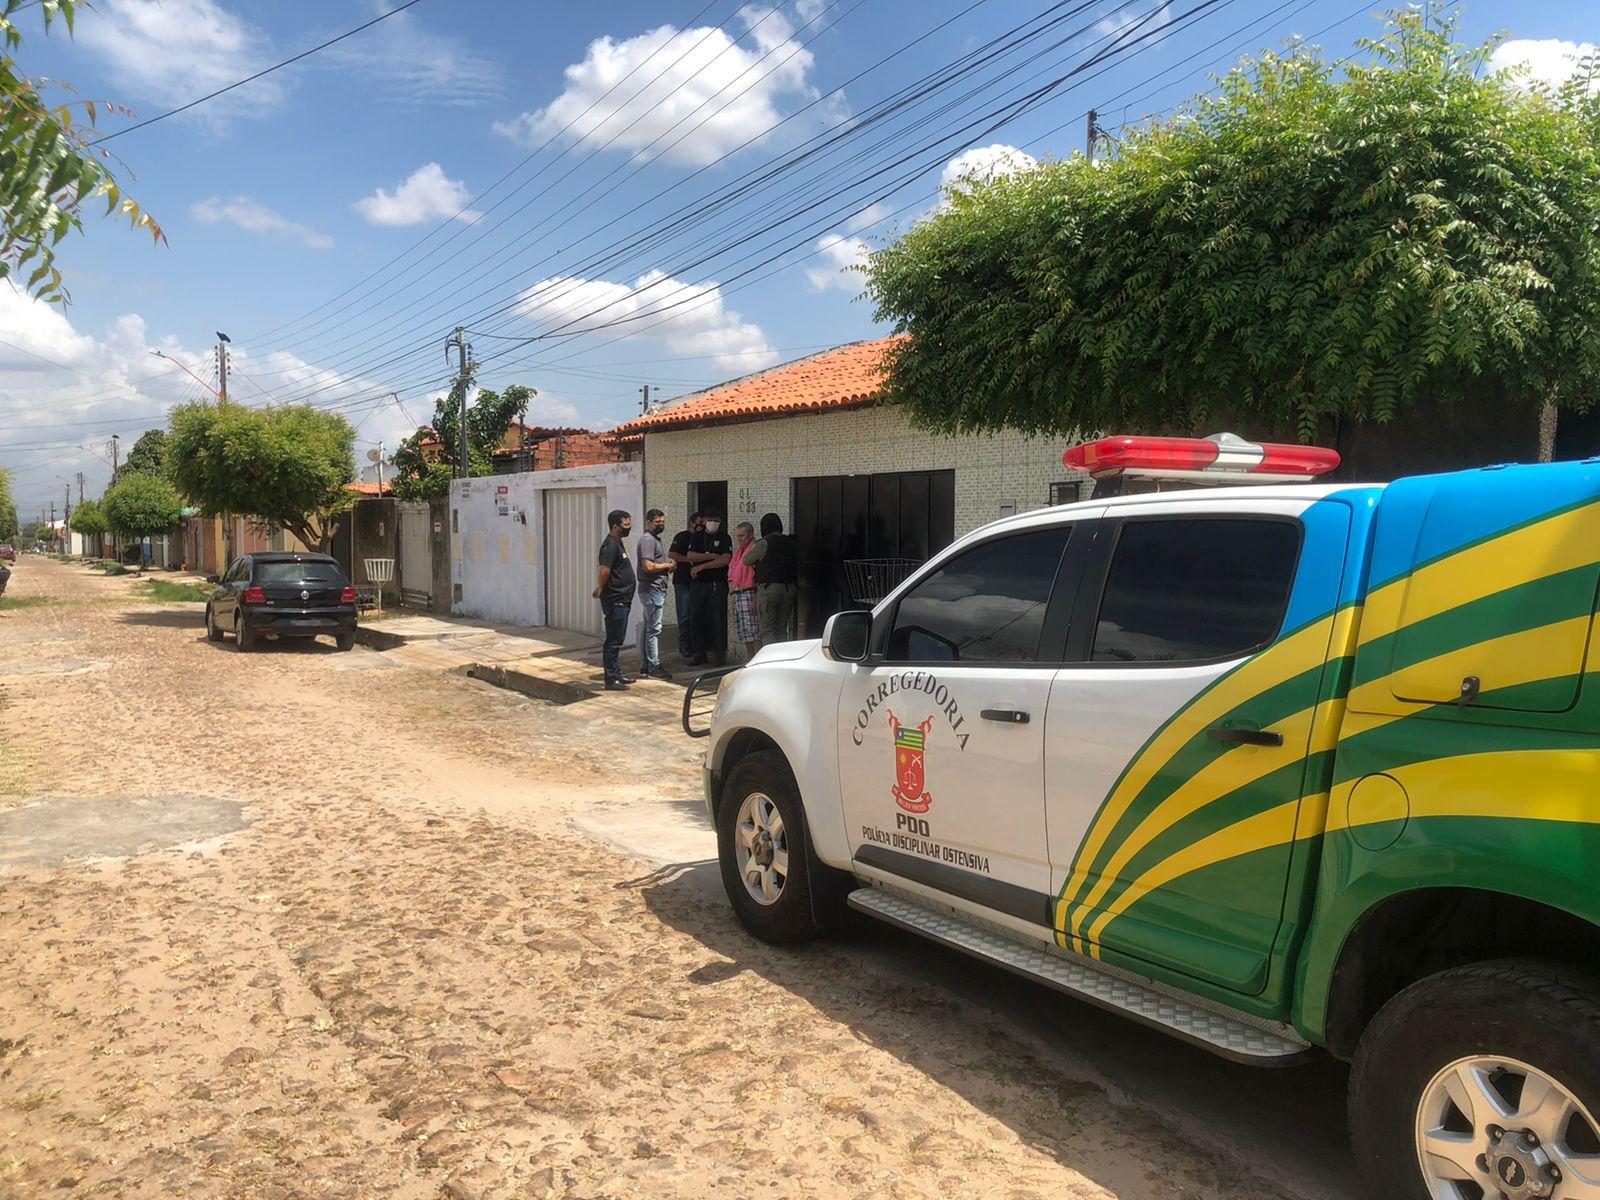 PM acusado de homicídio é preso em operação - Foto: Matheus Oliveira